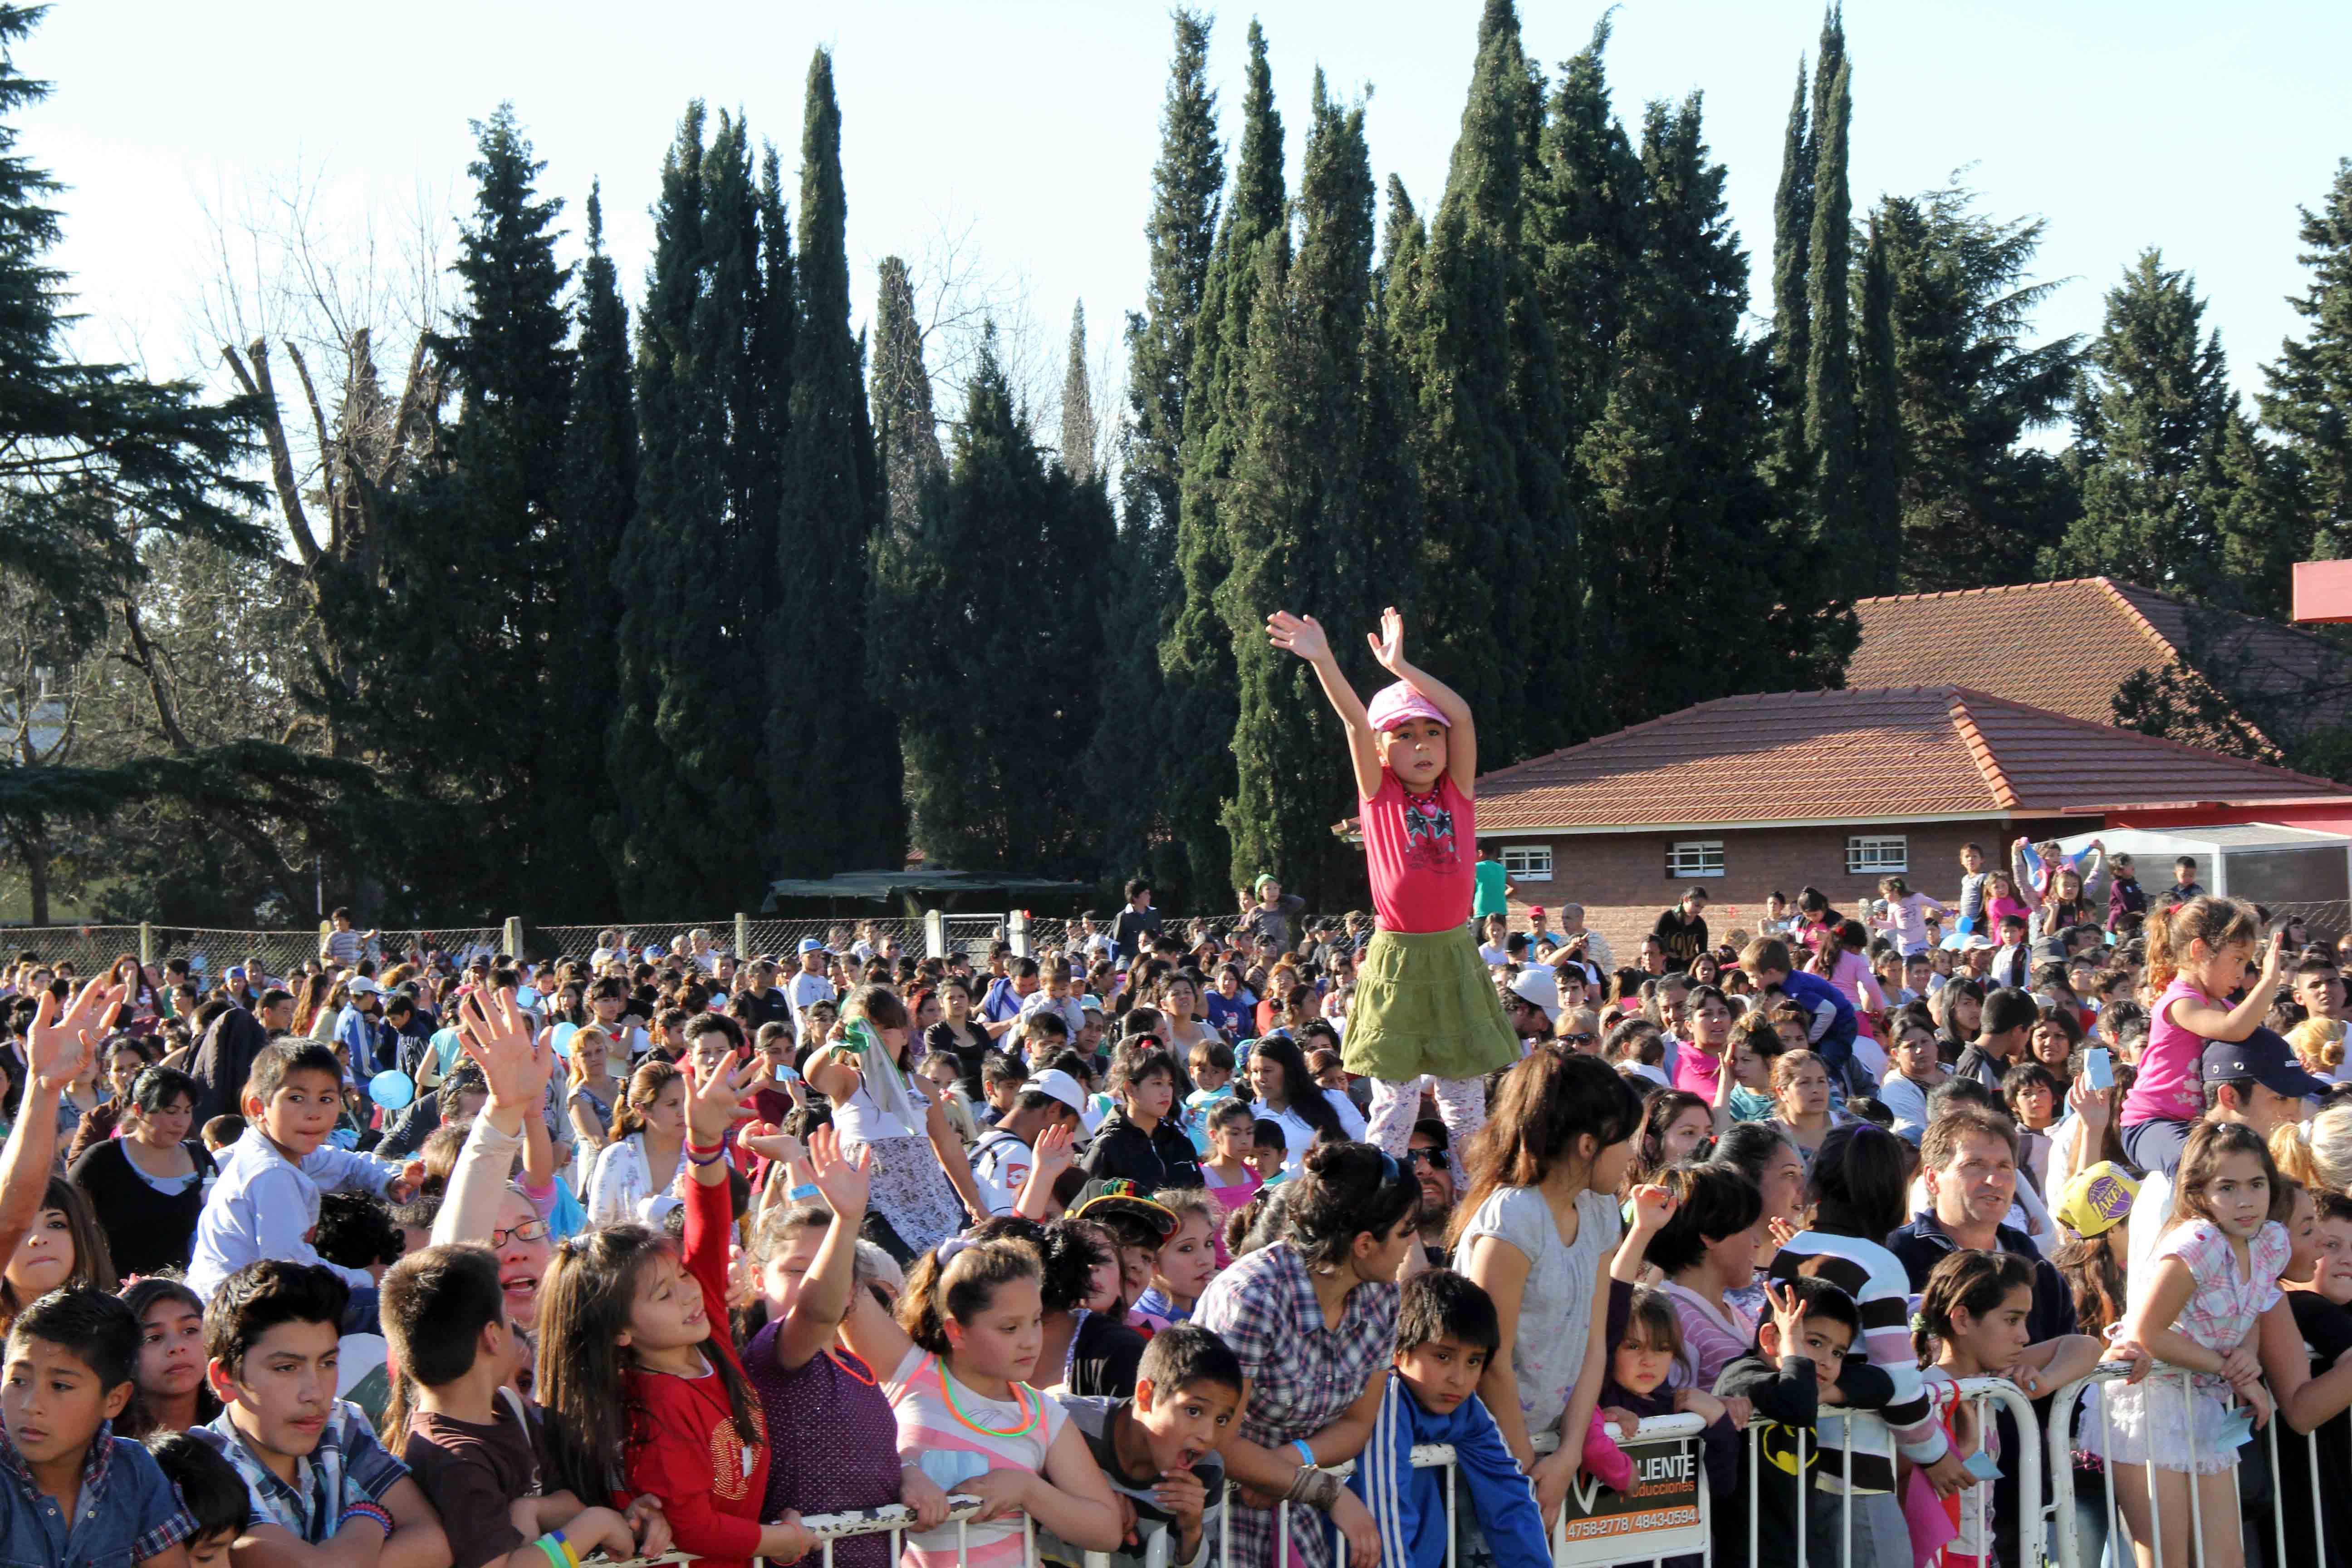 San Miguel festejará el Día del Niño con diversos espectáculos gratuitos deportivos y culturales